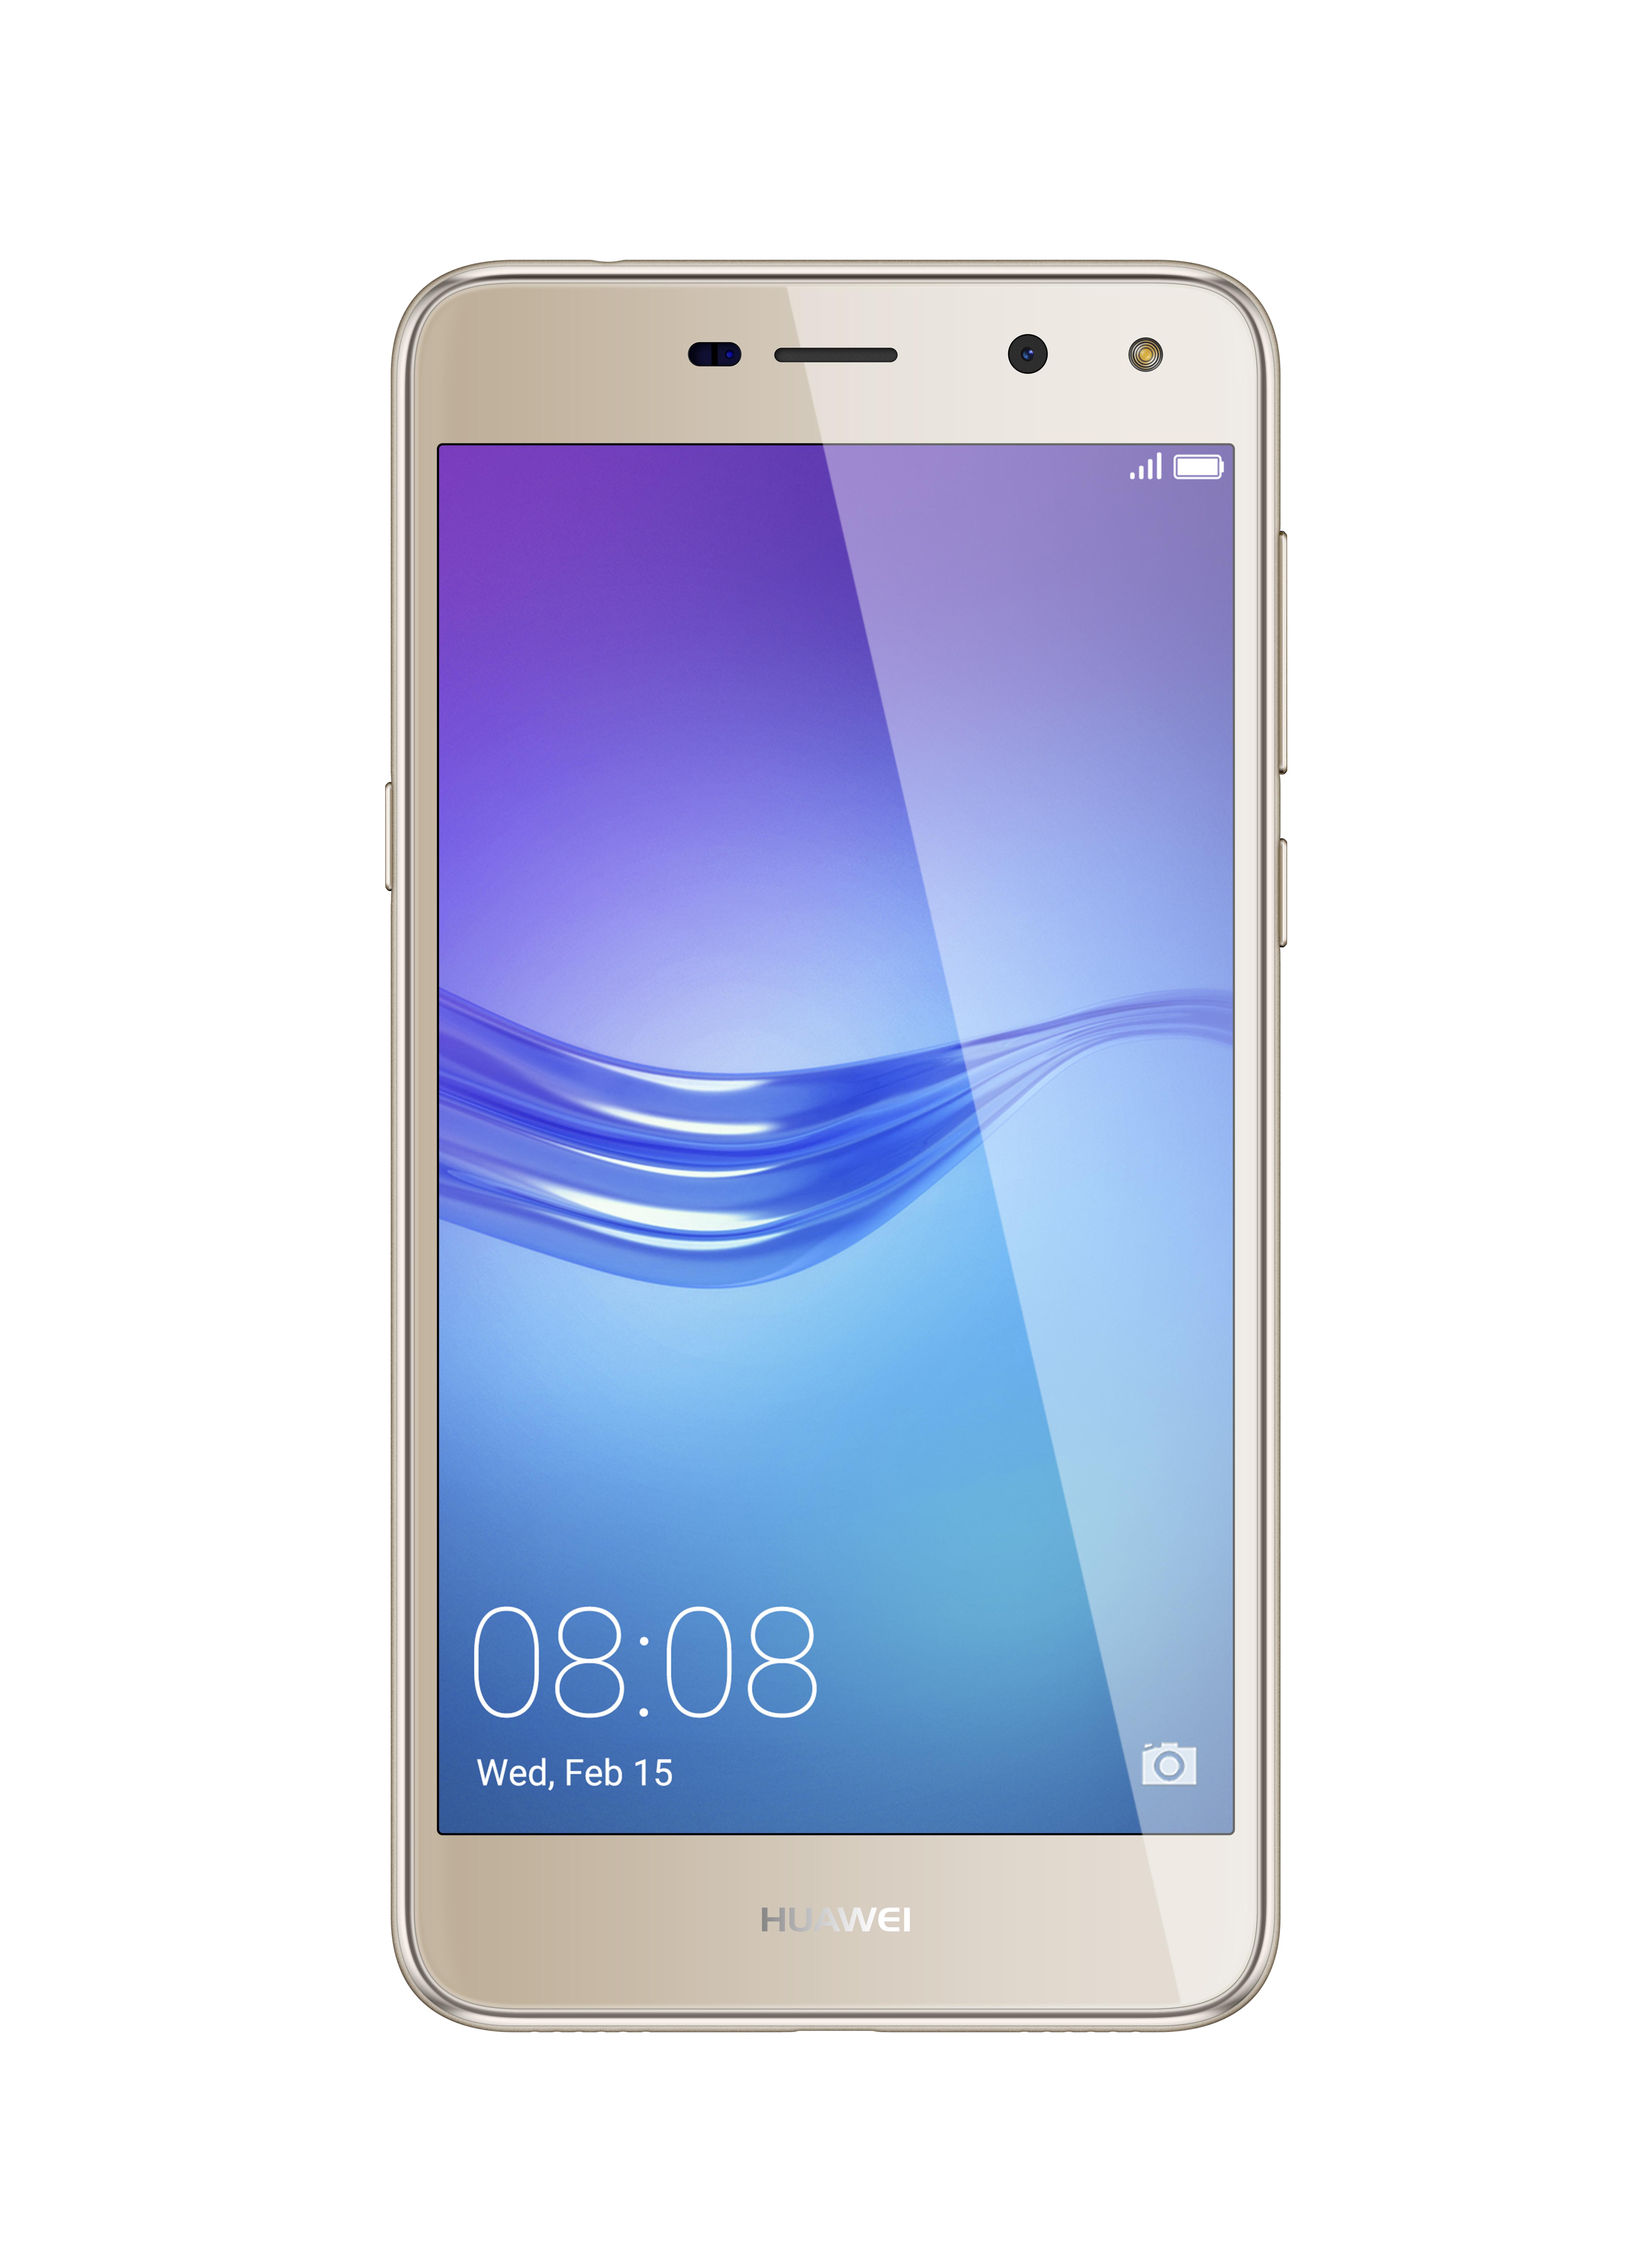 Huawei Y5 2017, Gold51050NFEСмартфон Huawei Y5 отлично подходит для тех, кому важно качество воспроизводимого видео и комфорт в мобильных играх. Он снабжён 5-дюймовым экраном, на базе IPS-матрицы. Эта технология делает изображение очень реалистичным за счёт расширенной цветовой гаммы и большой контрастности под каким бы углом вы ни смотрели на дисплей. НАЧИНКАМощный процессор и большой объём оперативной памяти обеспечивают быстродействие системы даже в режиме многозадачности. Передатчик 4G позволяет получать доступ к интернету в деловых поездках и путешествиях.КАЧЕСТВЕННЫЕ СНИМКИОсновная 8-мегапиксельная камера с яркой вспышкой позволяет получать детализированные кадры даже при слабом освещении. Фронтальная камера на 2 Мп может использоваться как для видеосвязи, так и для создания качественных селфи. АВТОНОМНОСТЬУстройство не требует подзарядки при активном использовании в течение всего дня. Оно снабжено аккумулятором с ёмкостью 3 000 мАч, а также поддерживает работу в режиме энергосбережения.